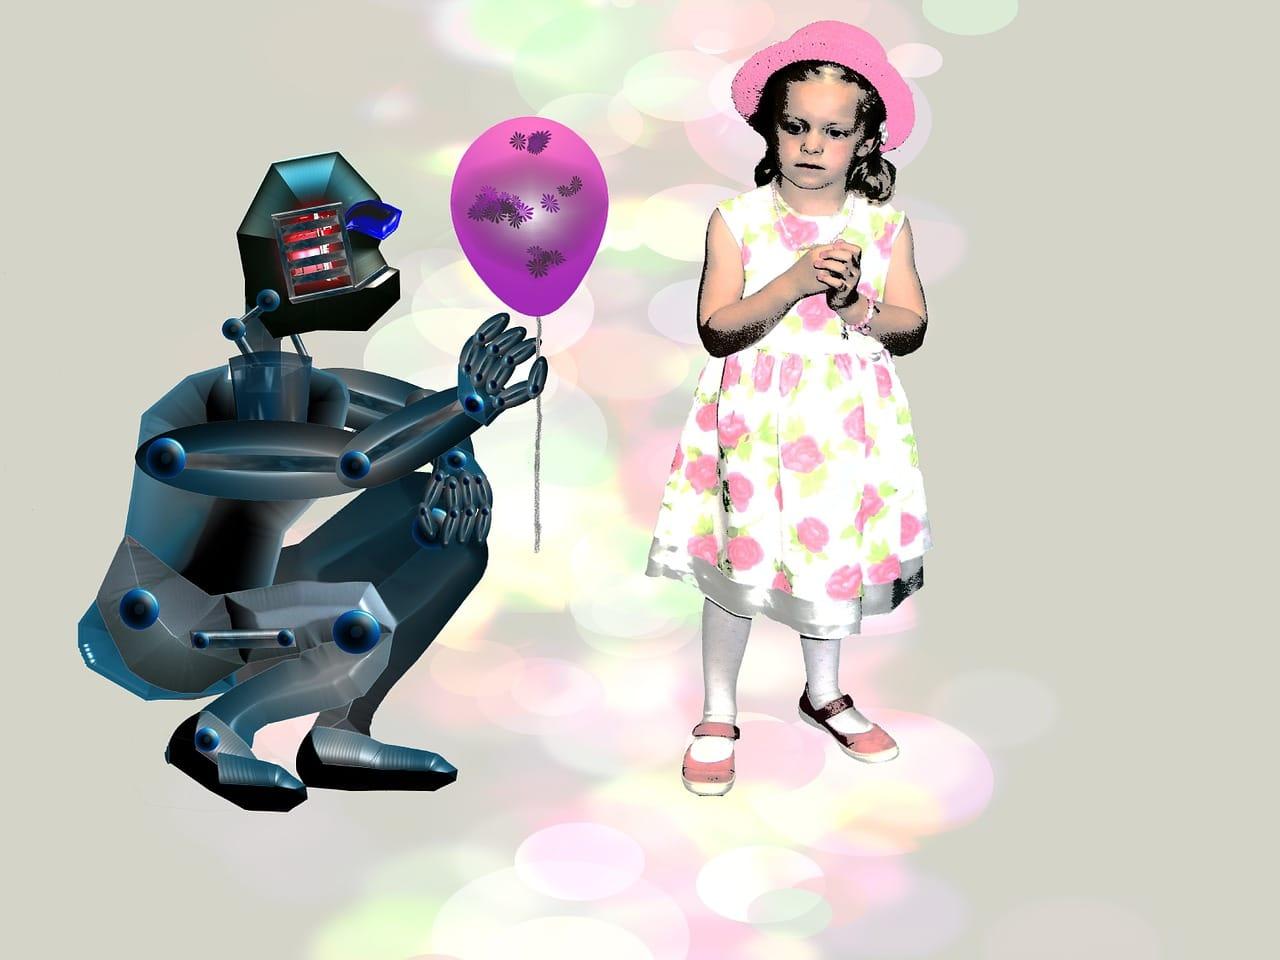 Wenn Roboter Gefühle erkennen